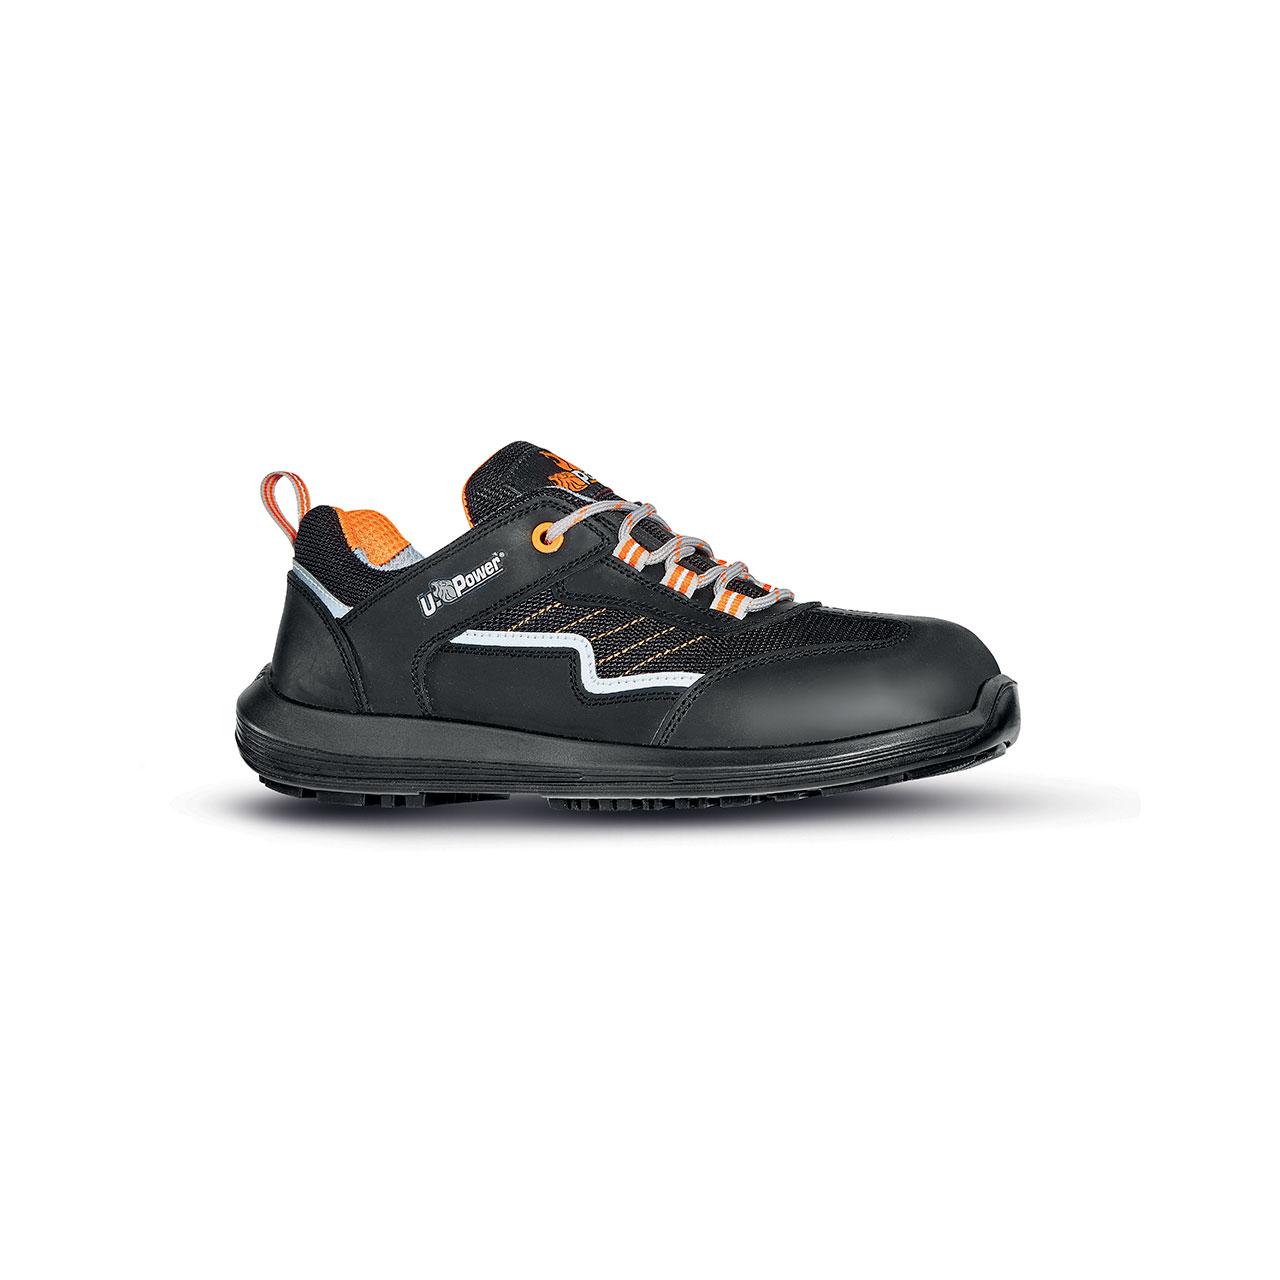 scarpa antinfortunistica upower modello miami linea rock_roll vista laterale